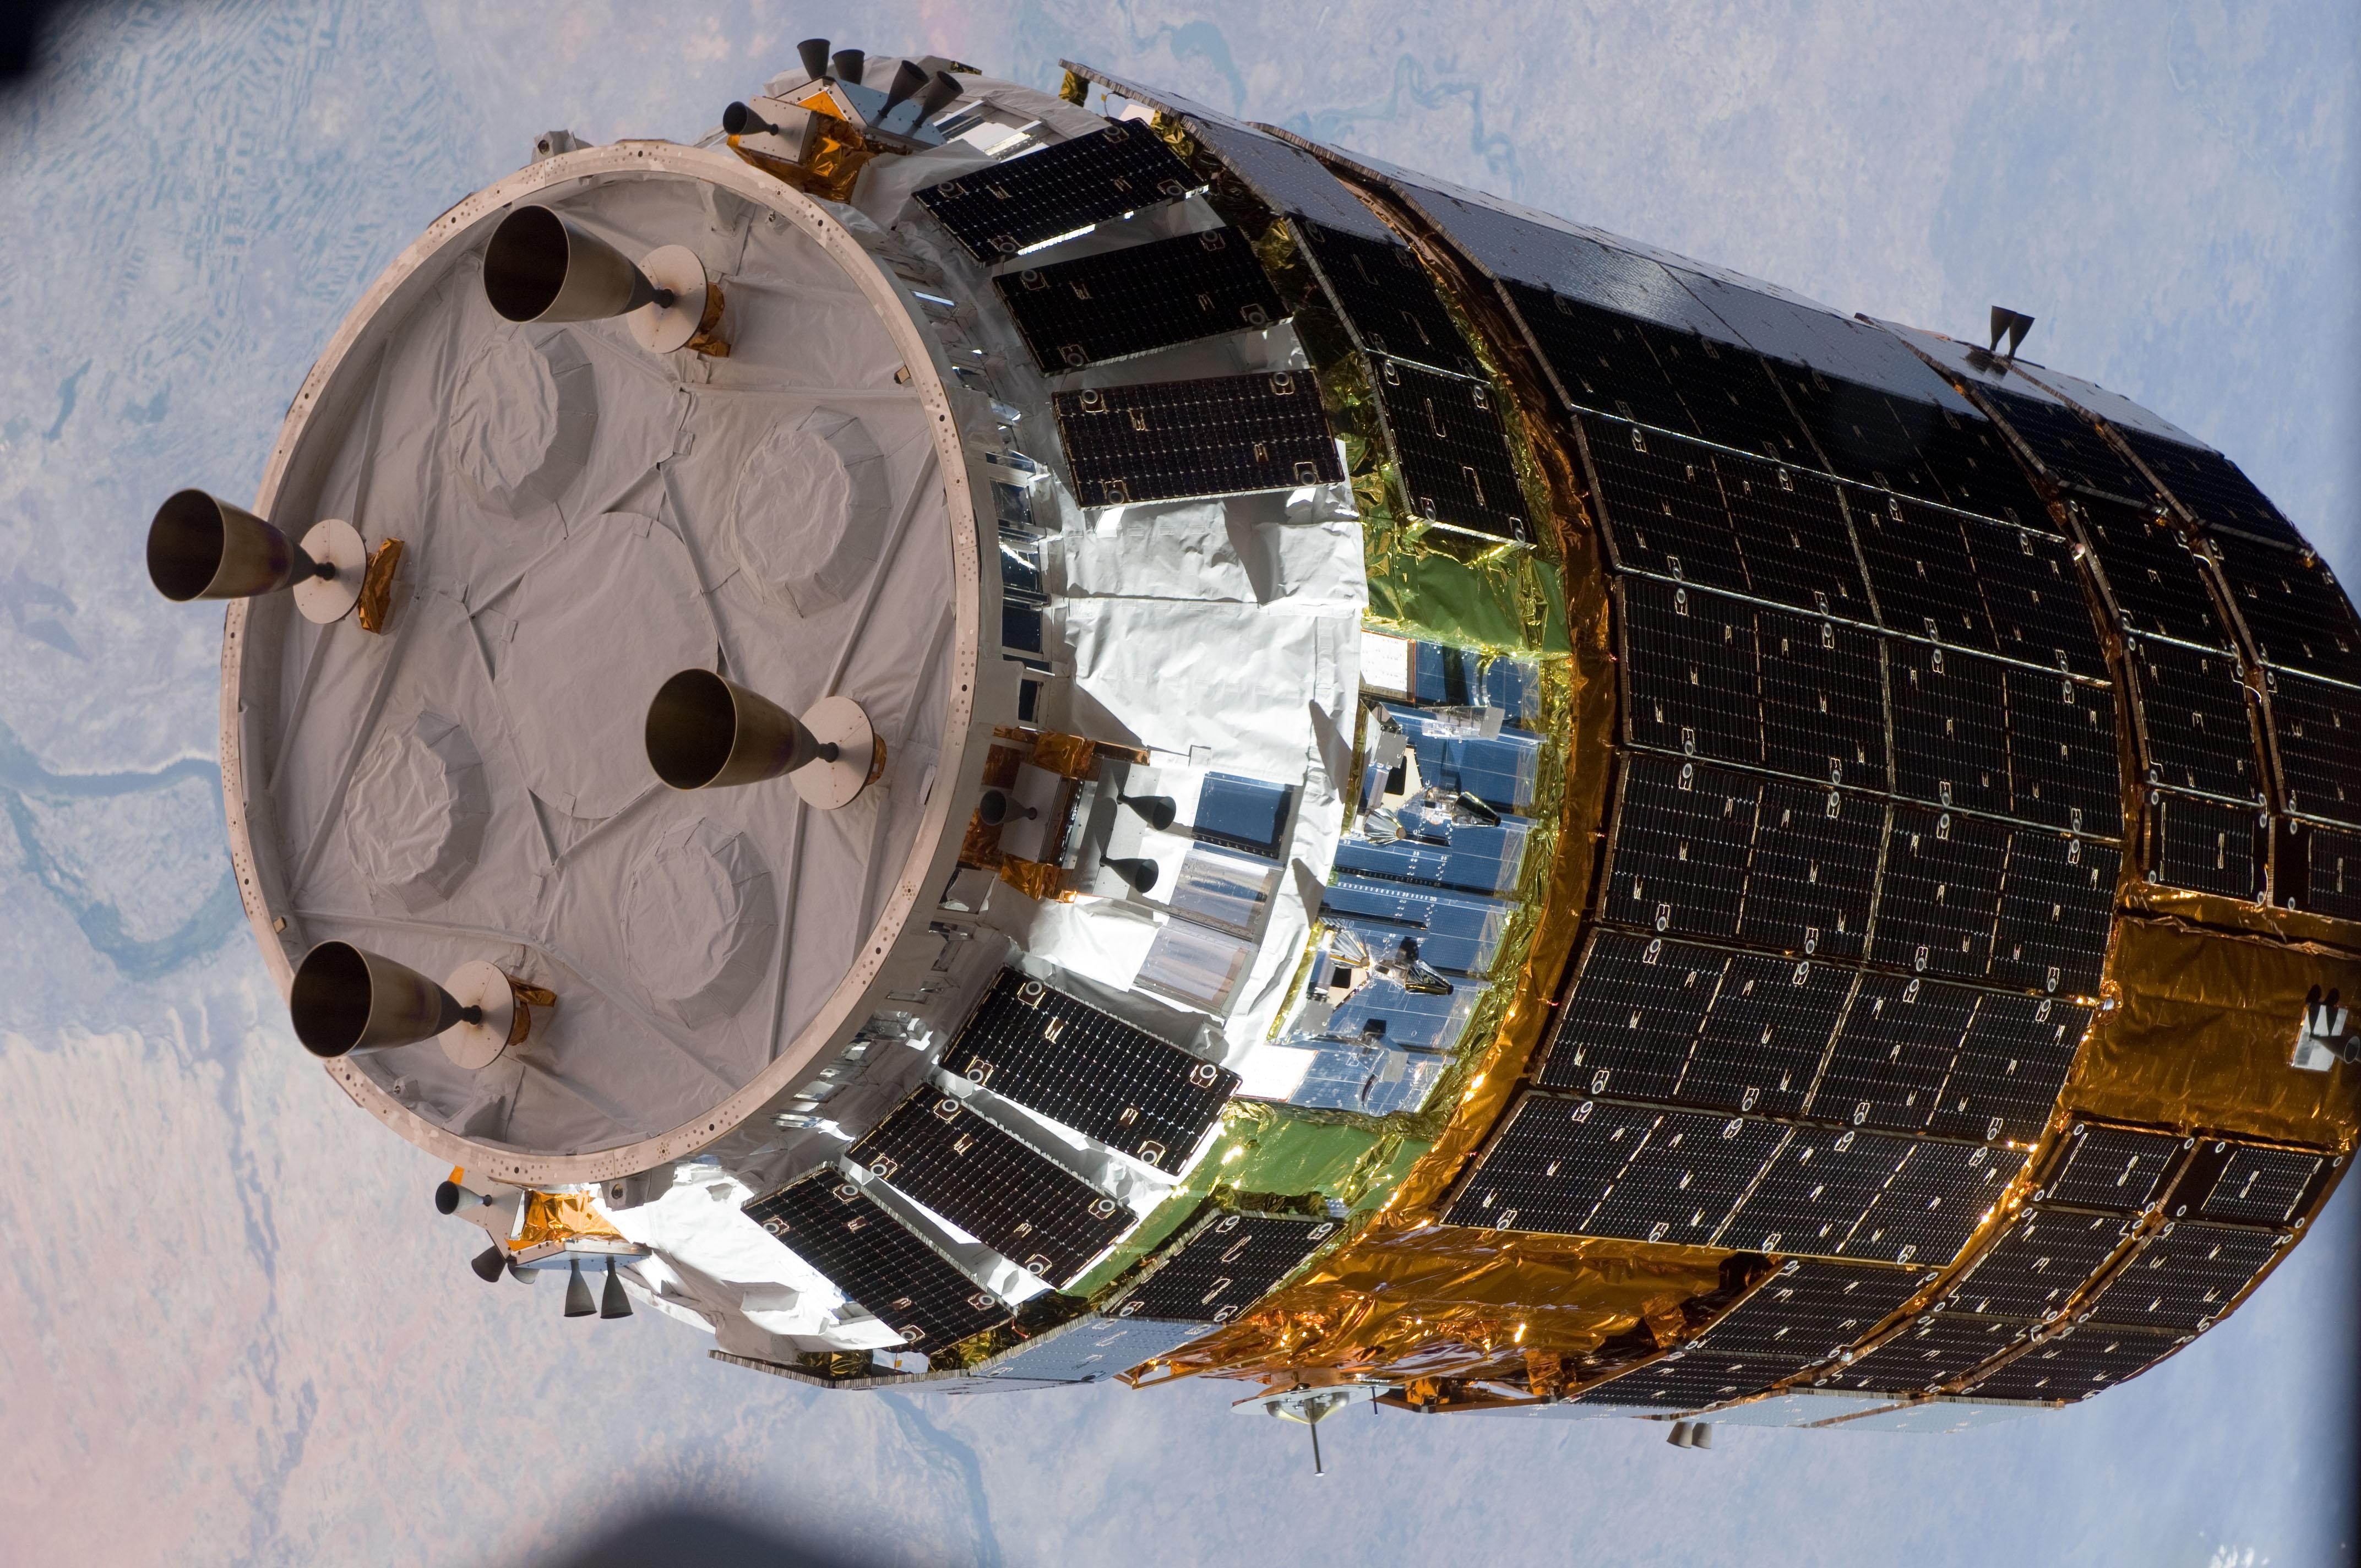 HTV-5 conectata cu succes la ISS Image